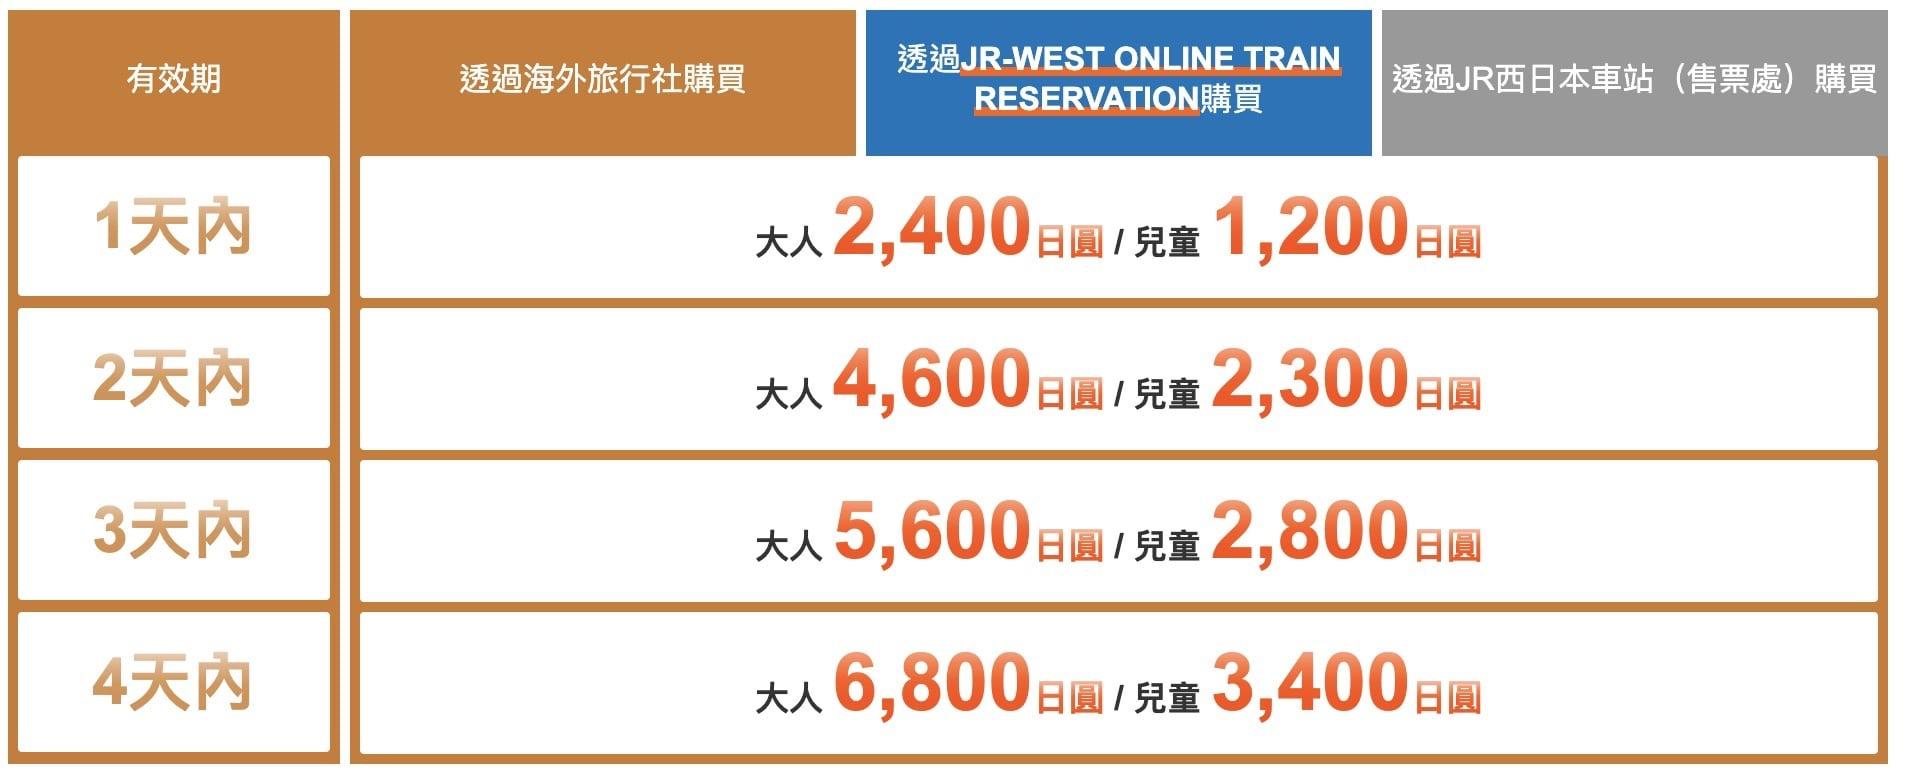 日本關西旅遊訊息服務中心KTIC購買交通票券整理 @來一球叭噗